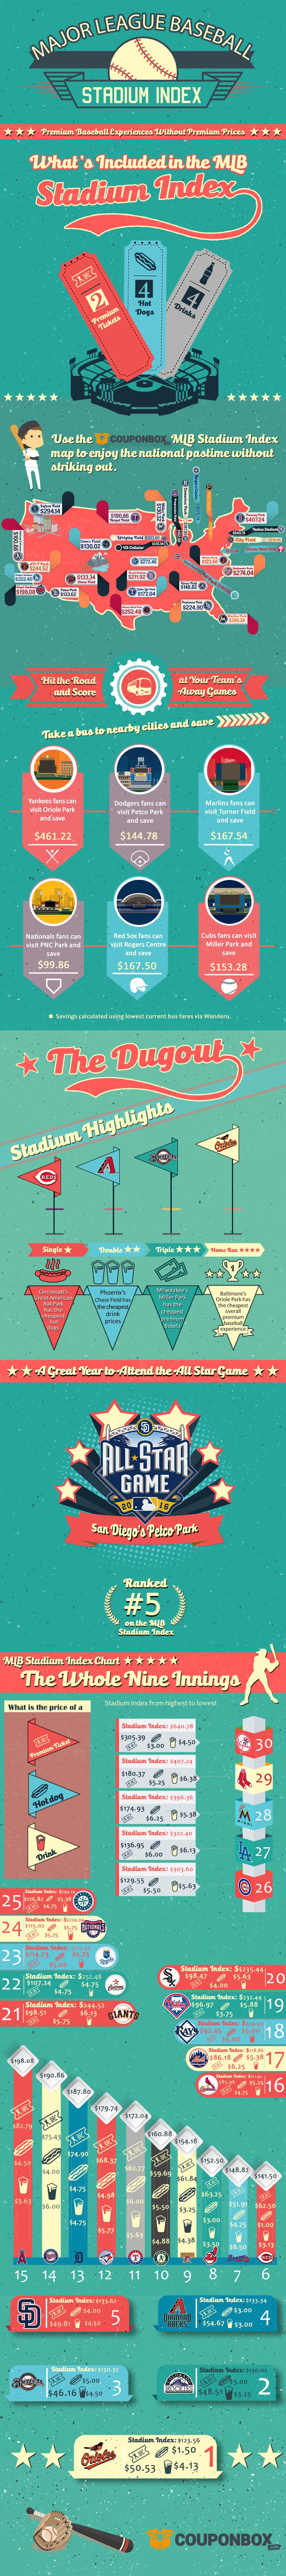 MLB Stadium Index